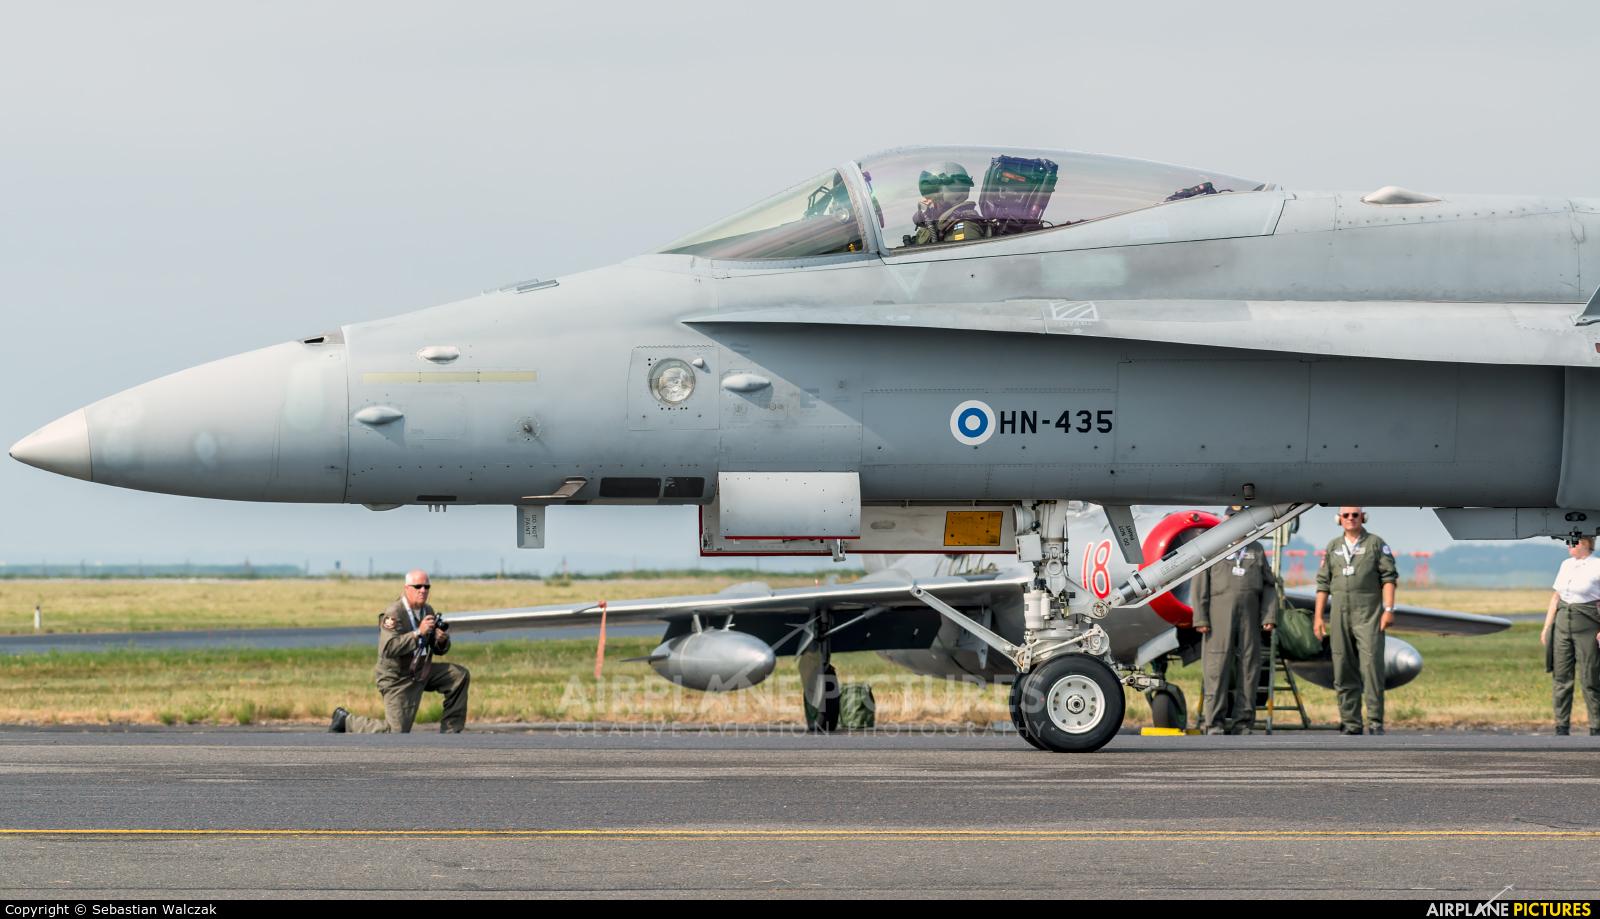 Finland - Air Force HN-435 aircraft at Aalborg